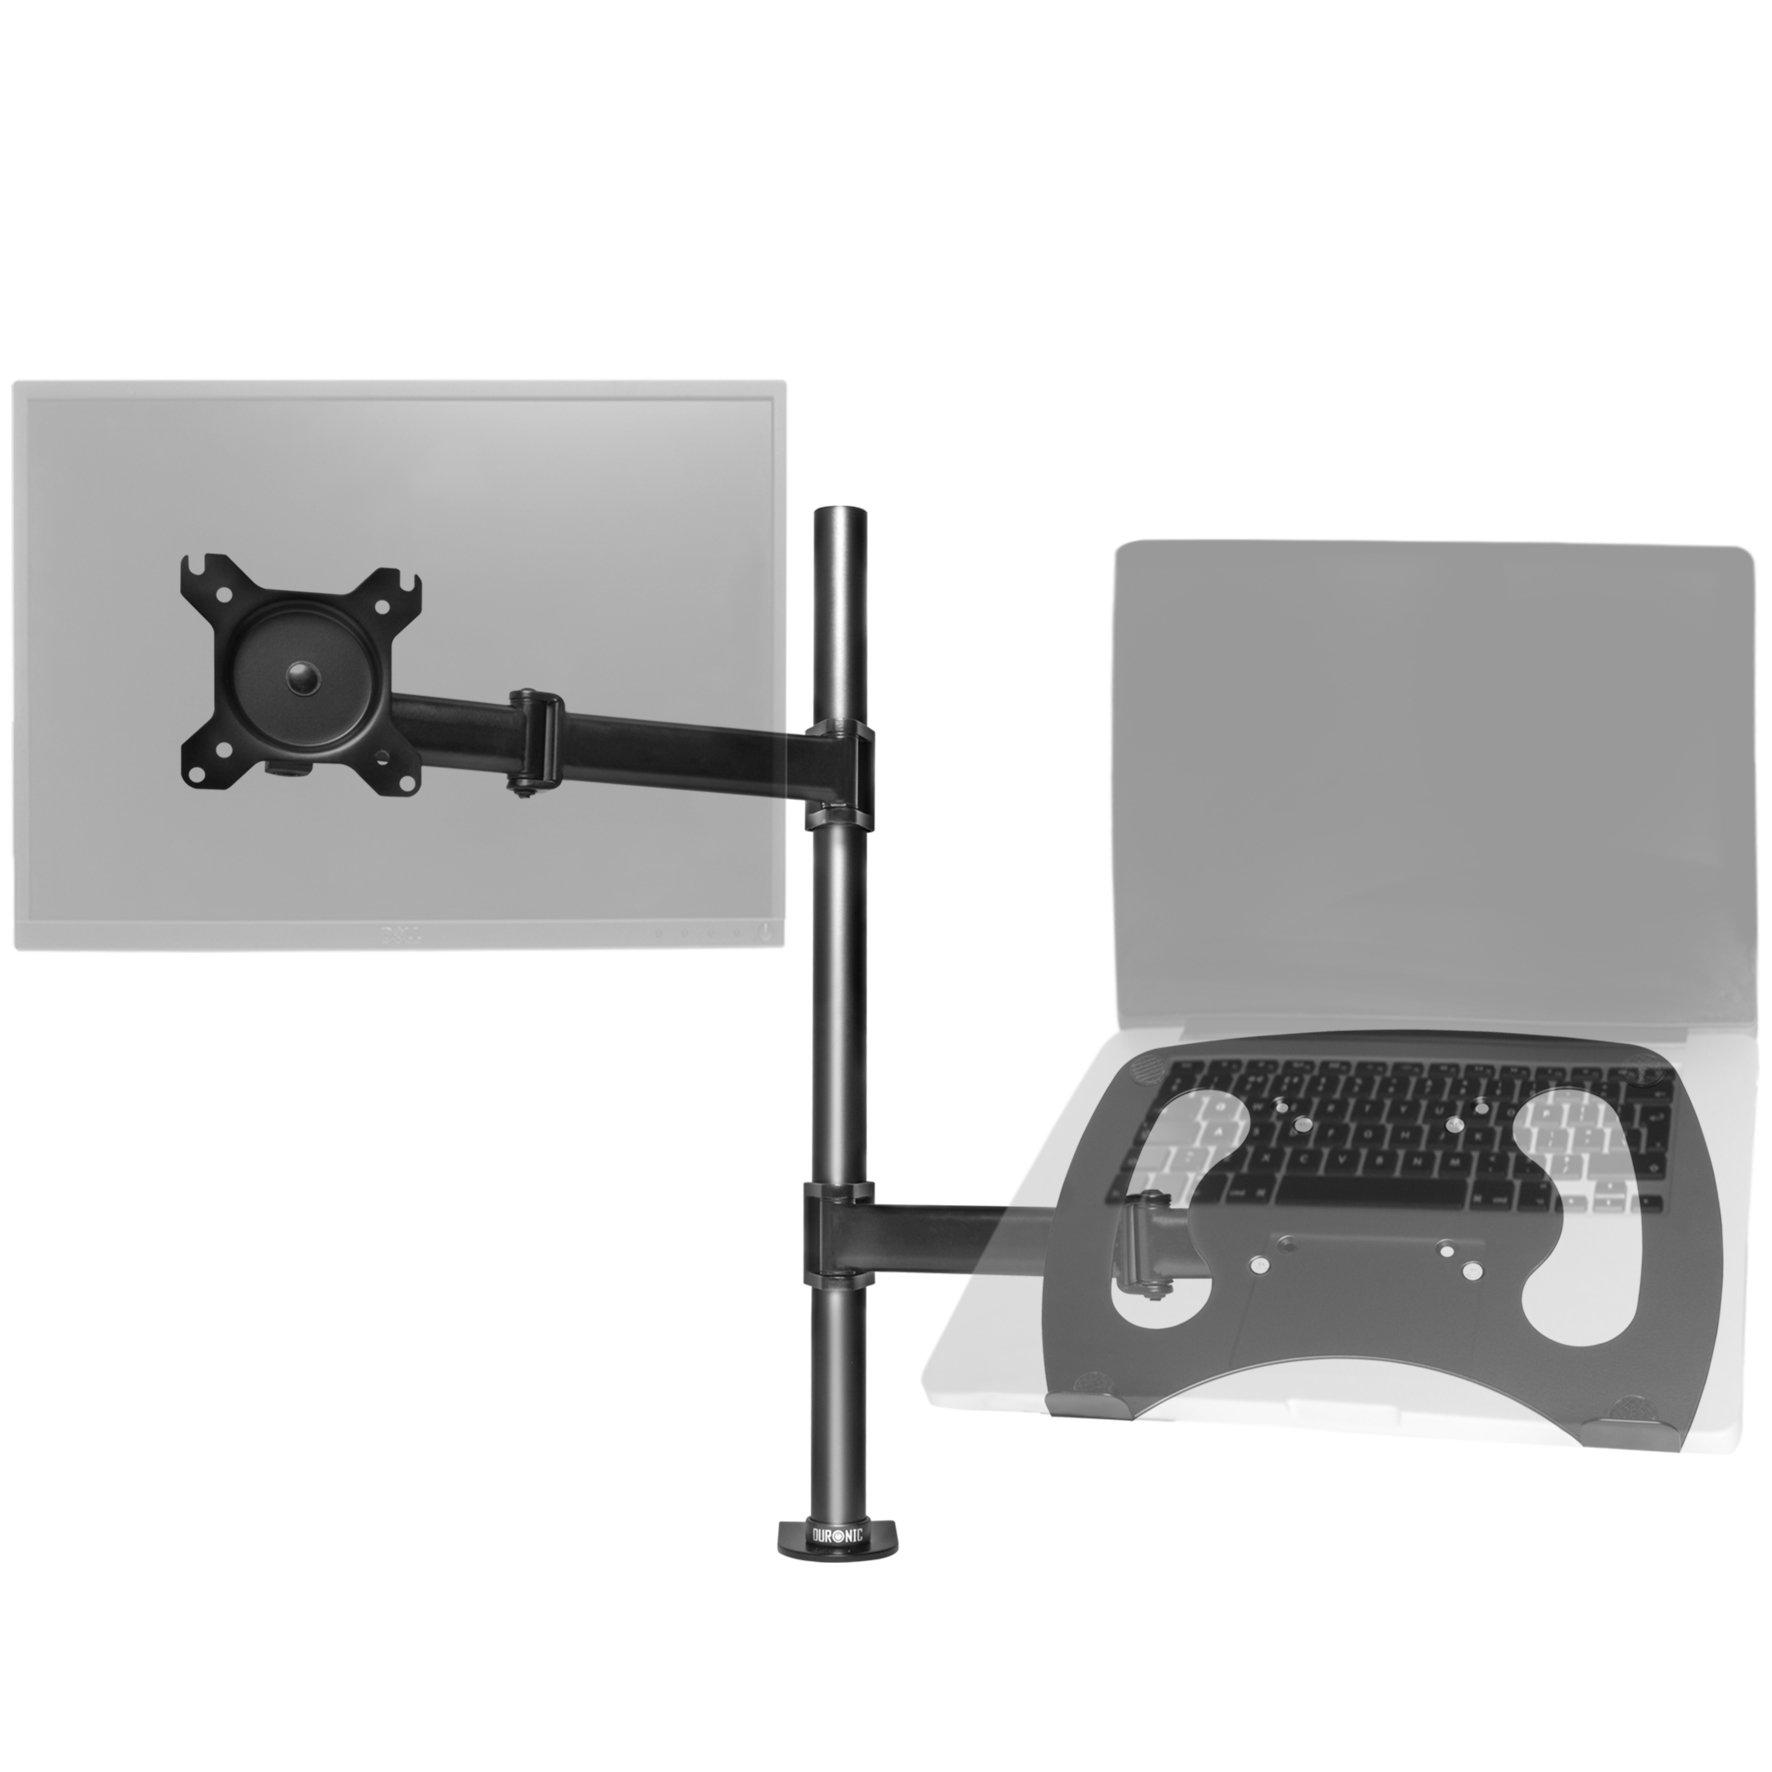 Duronic DM25L1X1 Support pour Un écran LCD LED pour Bureau avec Support pour  Ordinateur ou d8fed8a403aa